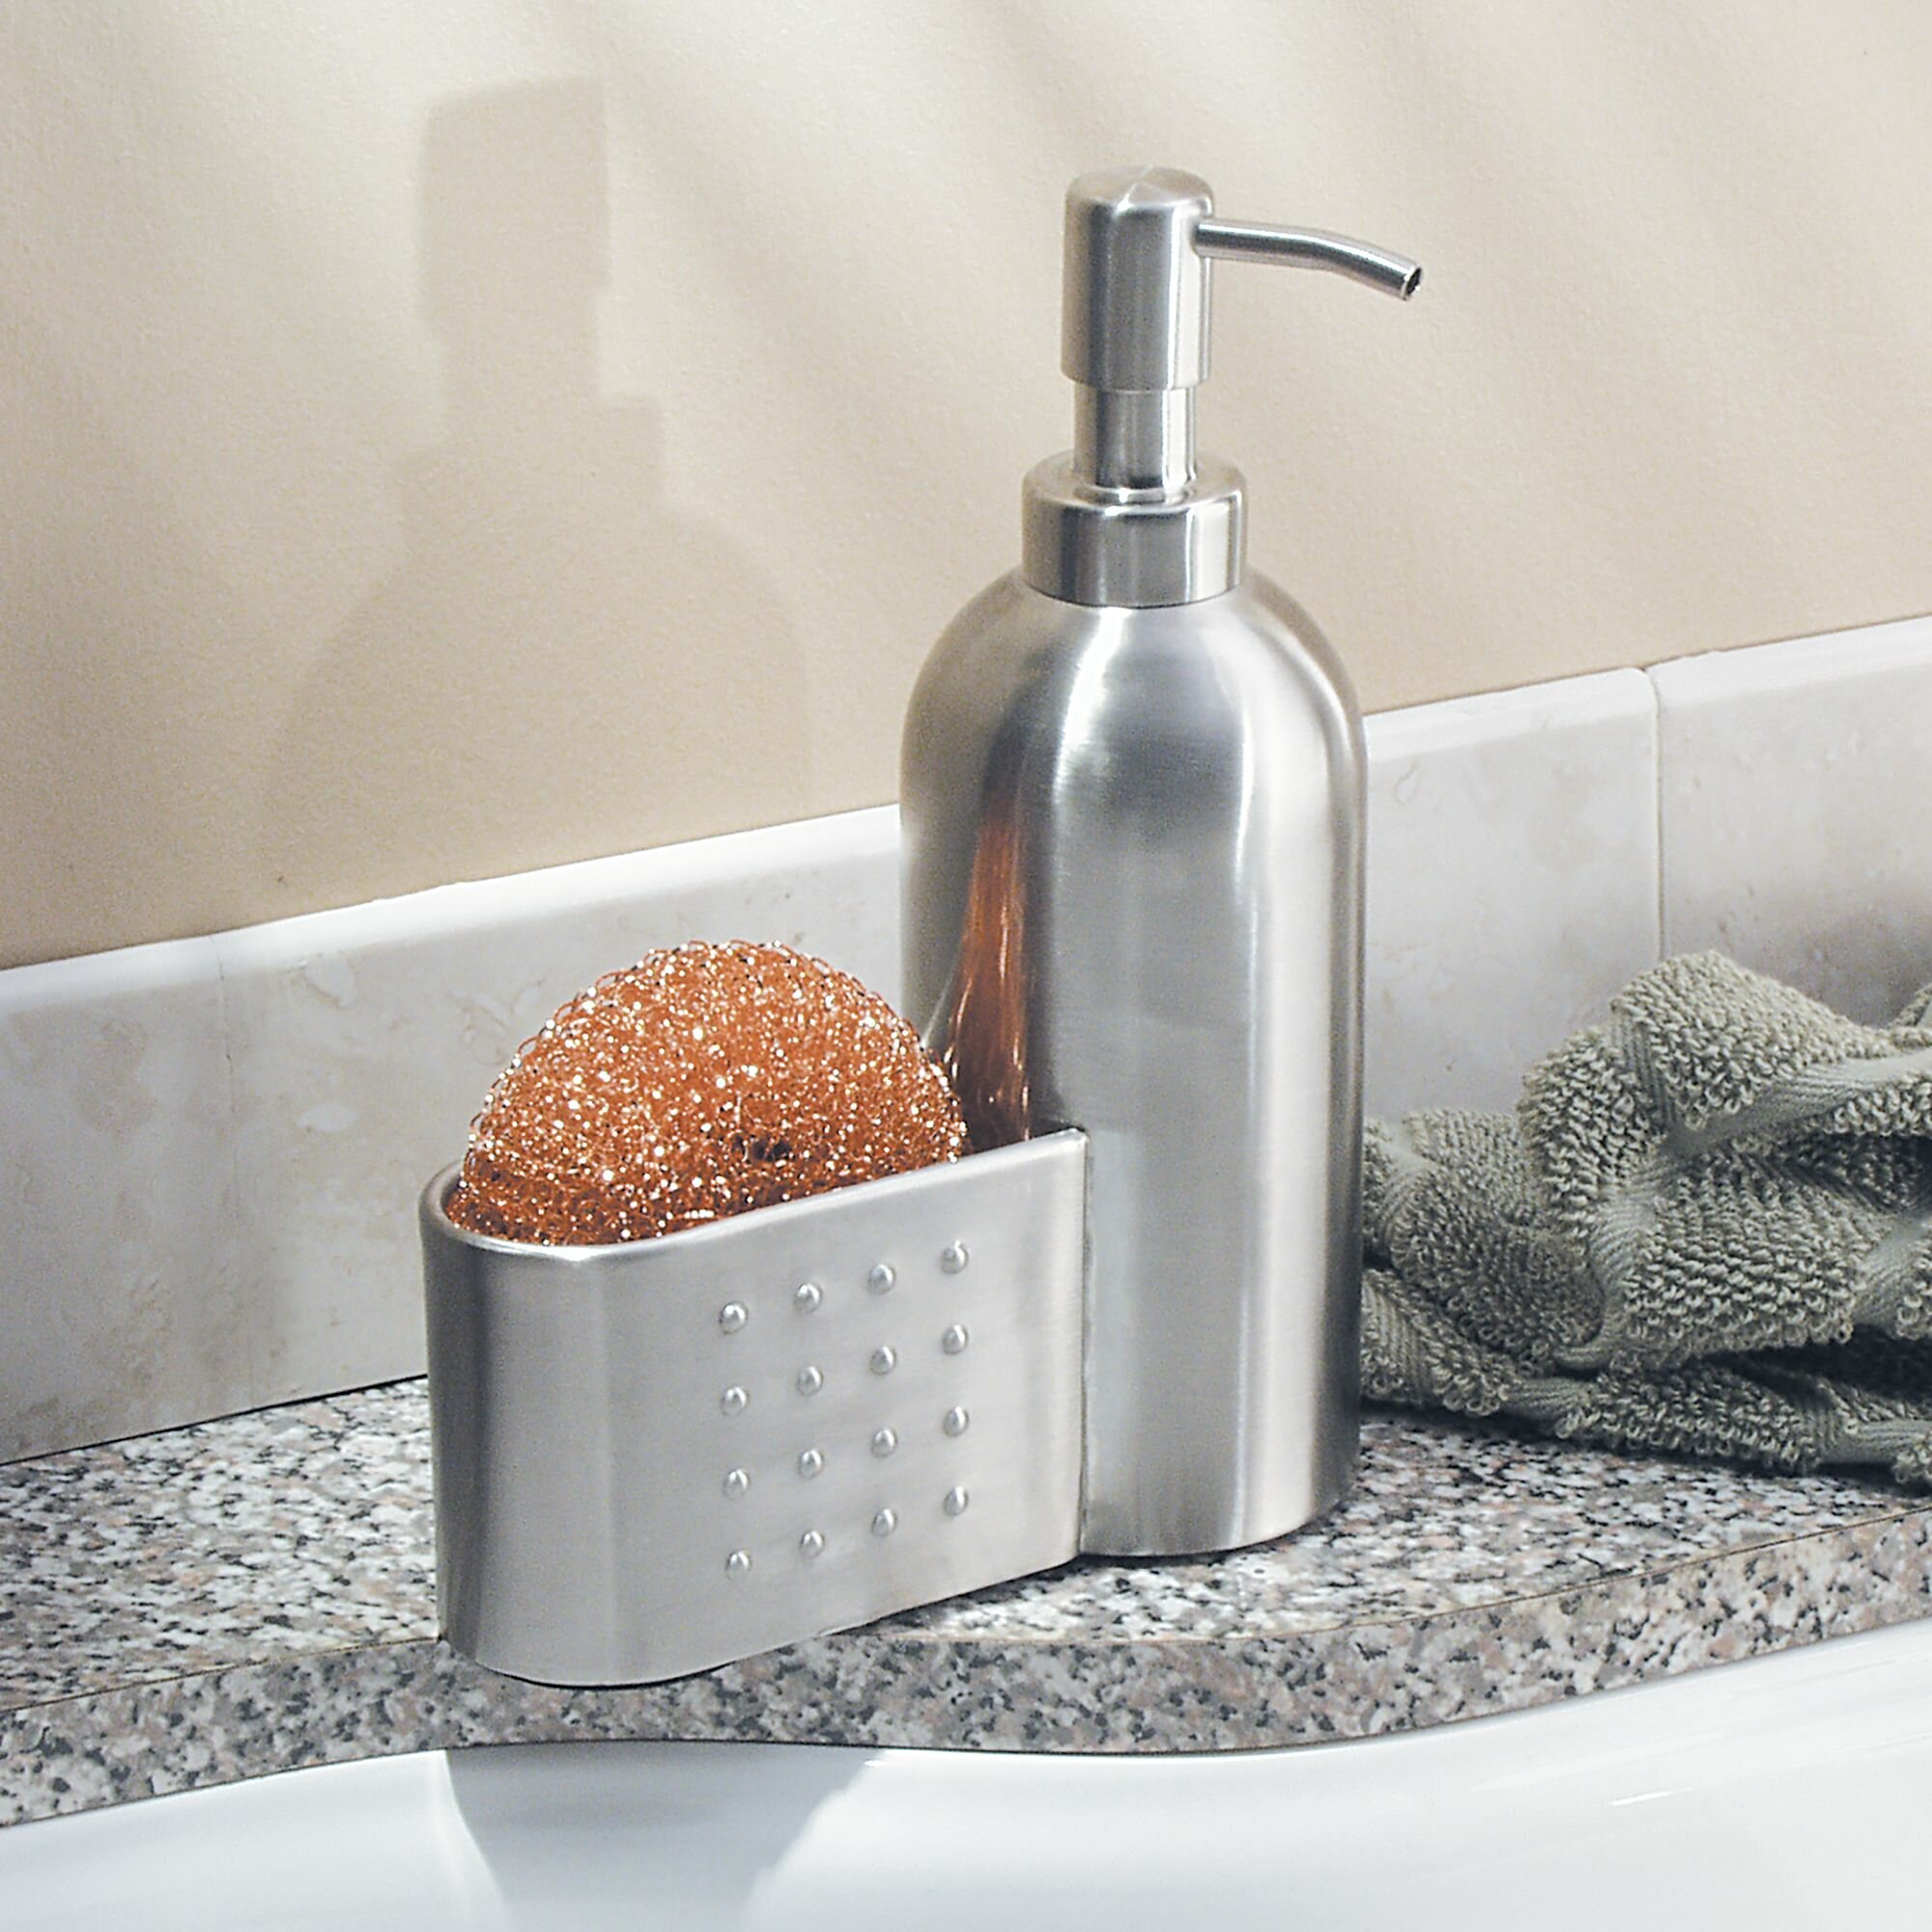 Sponge Caddy Soap Dispenser